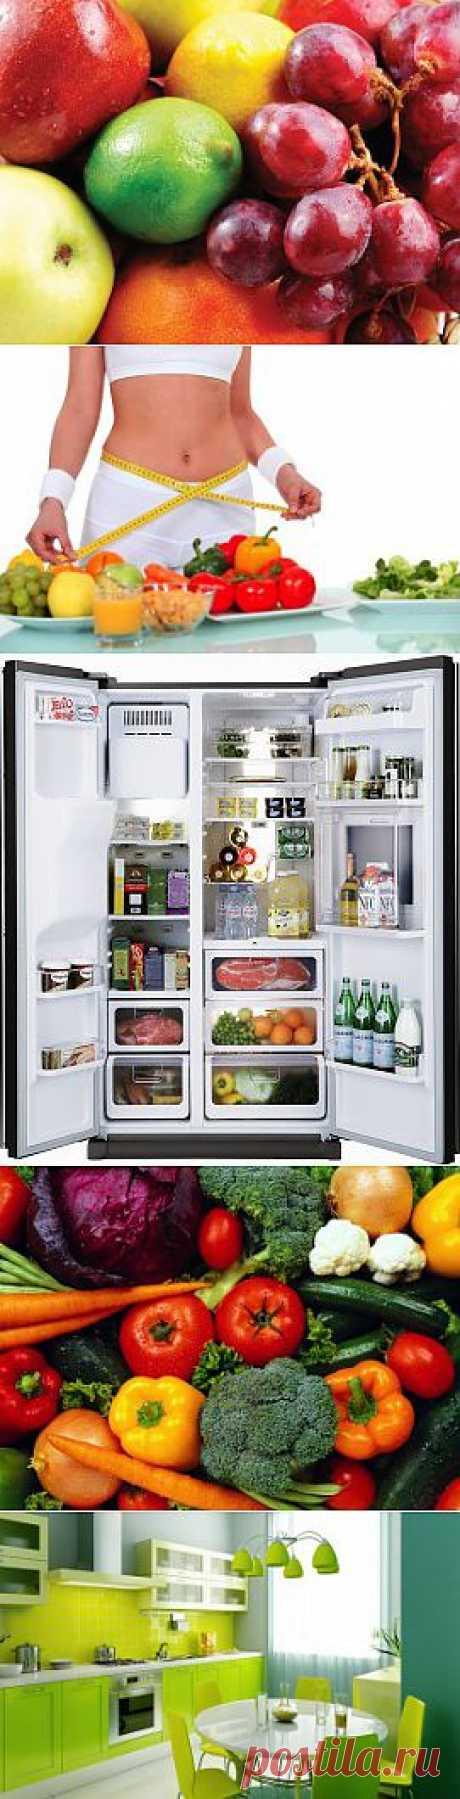 13 изменений на вашей кухне, которые помогут вам похудеть и сделать питание более здоровым...)))   4vkusa.ru